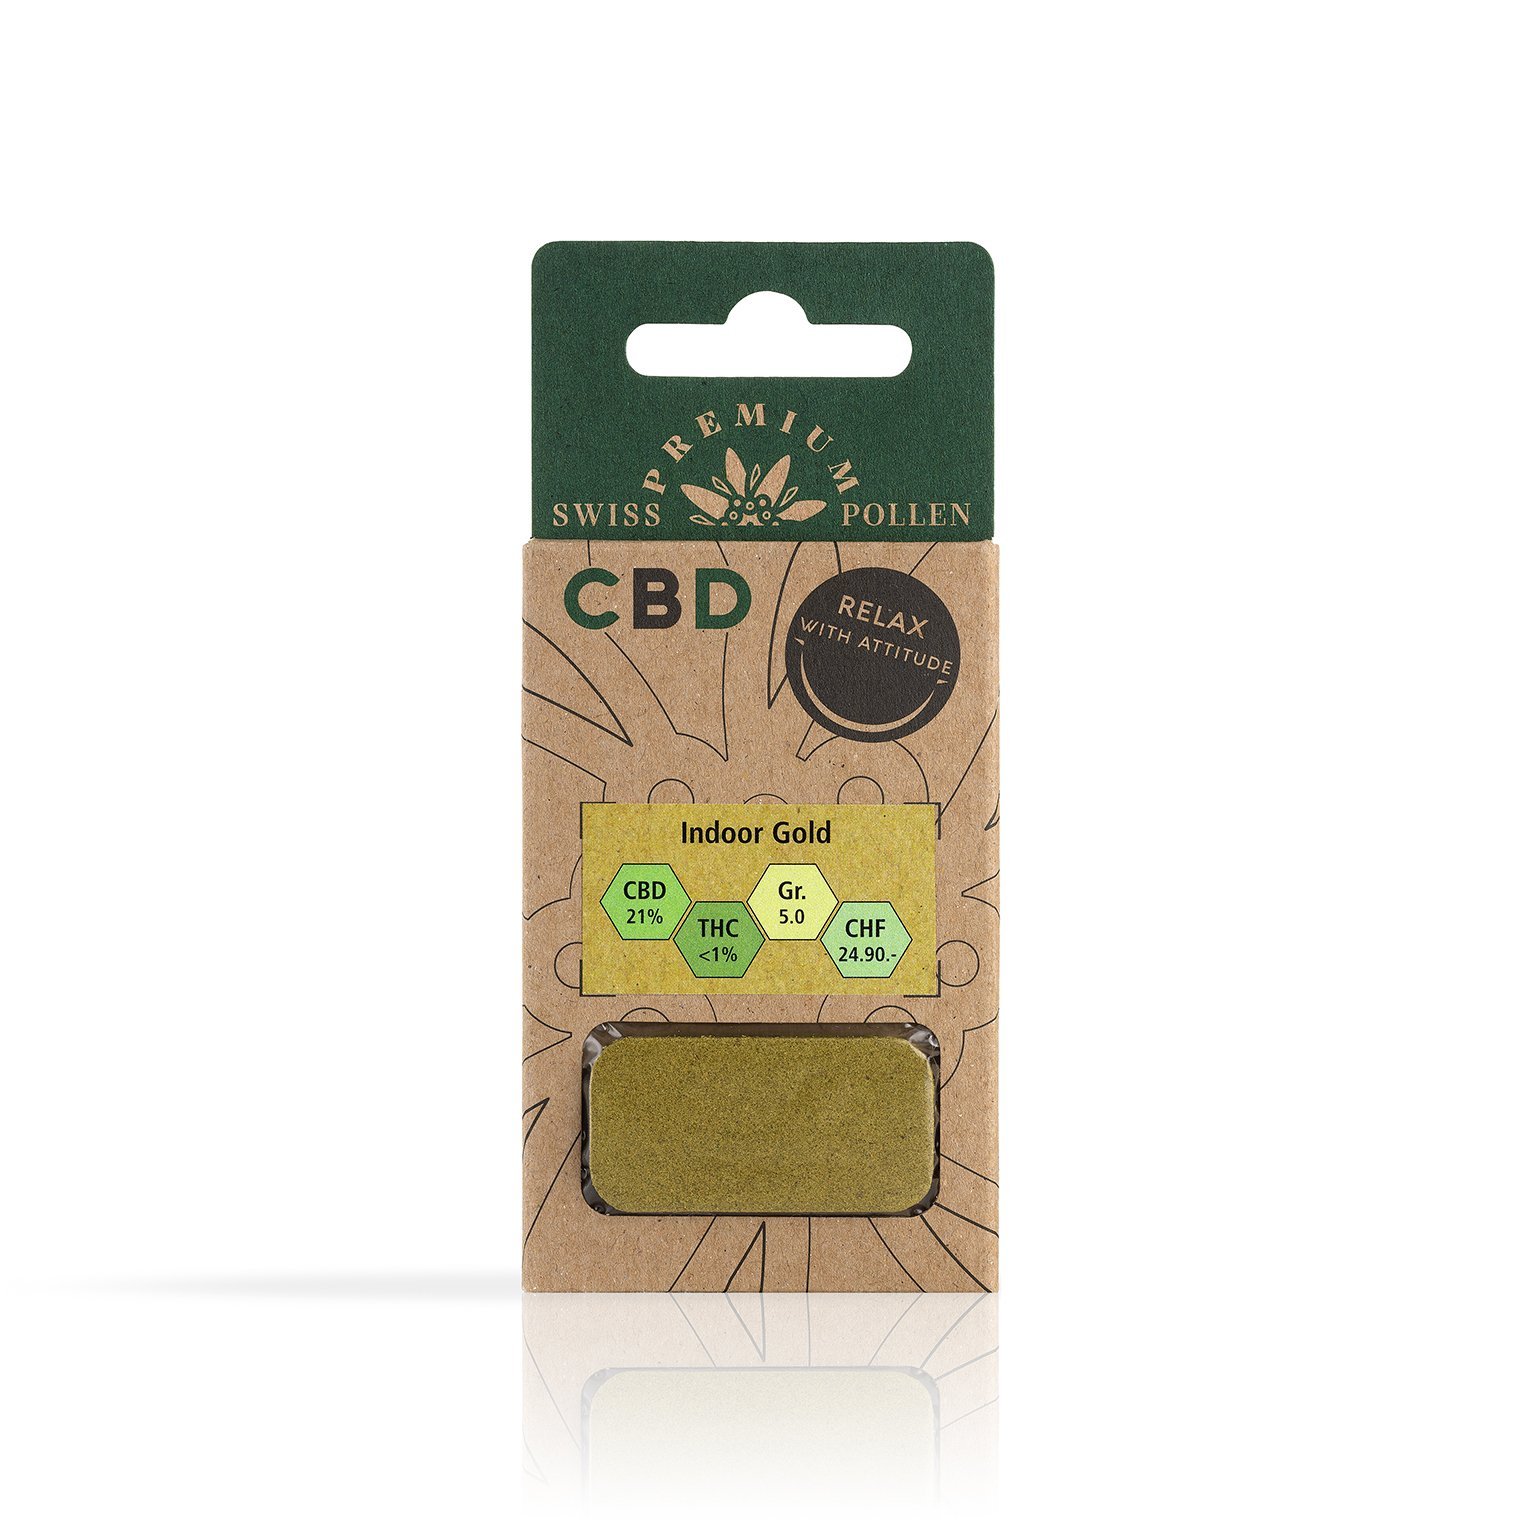 Pollen de CBD Indoor Gold. Contre stress, anxiété et douleurs